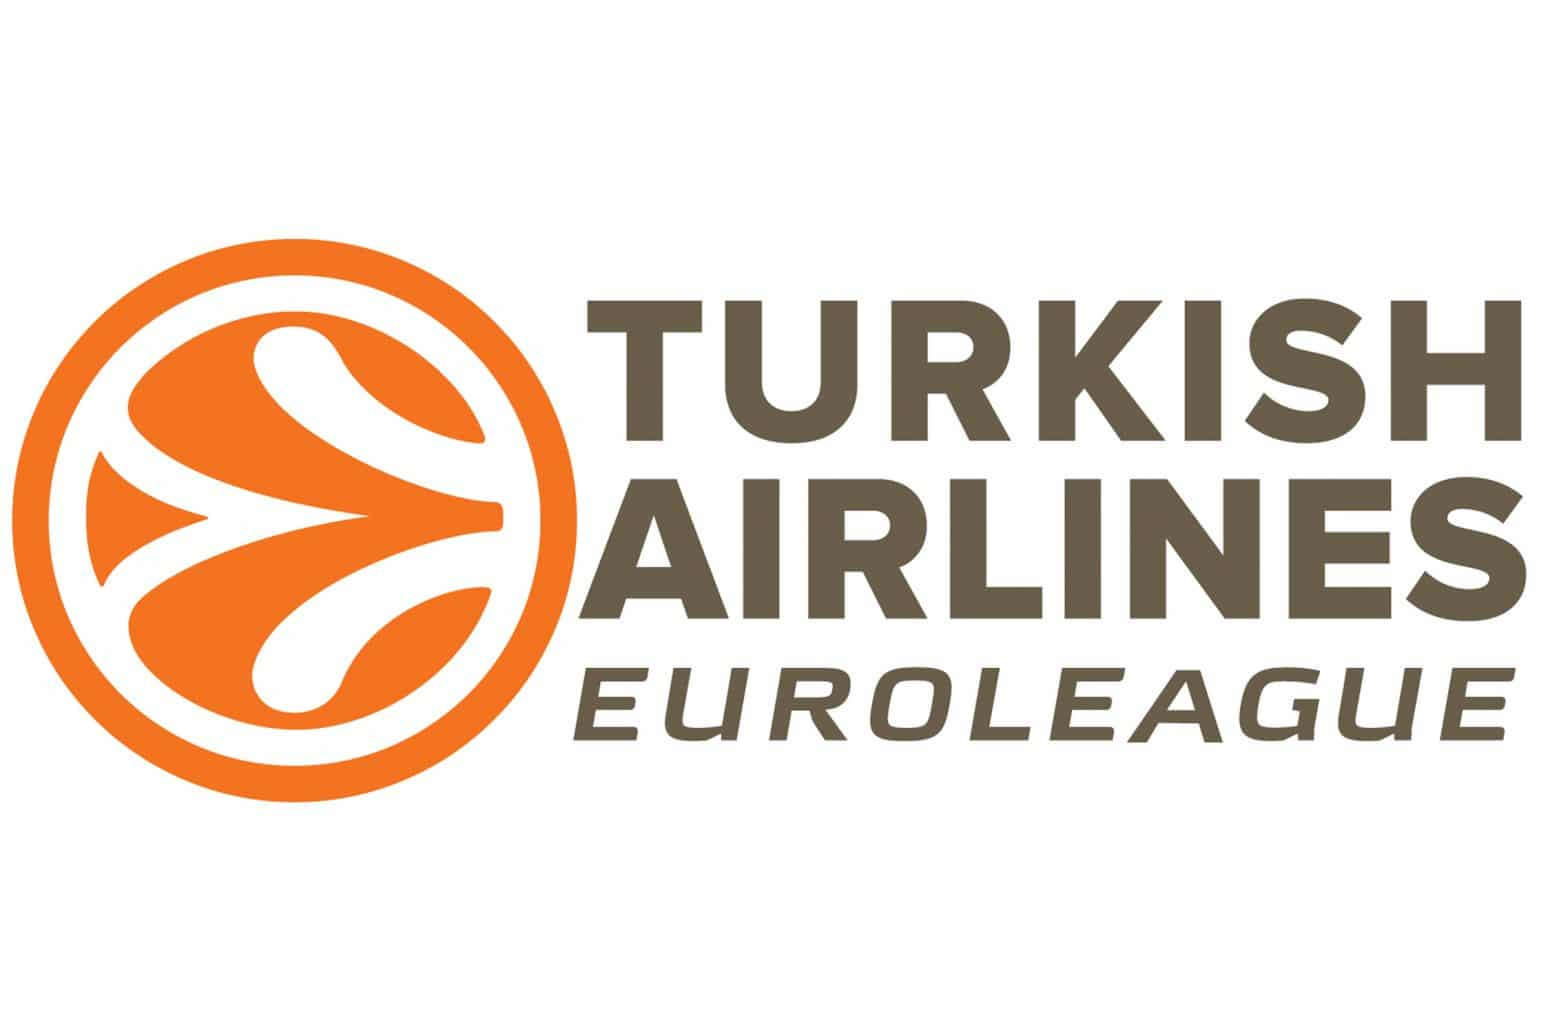 Pour Tony Parker rejoindre l'Euroleague